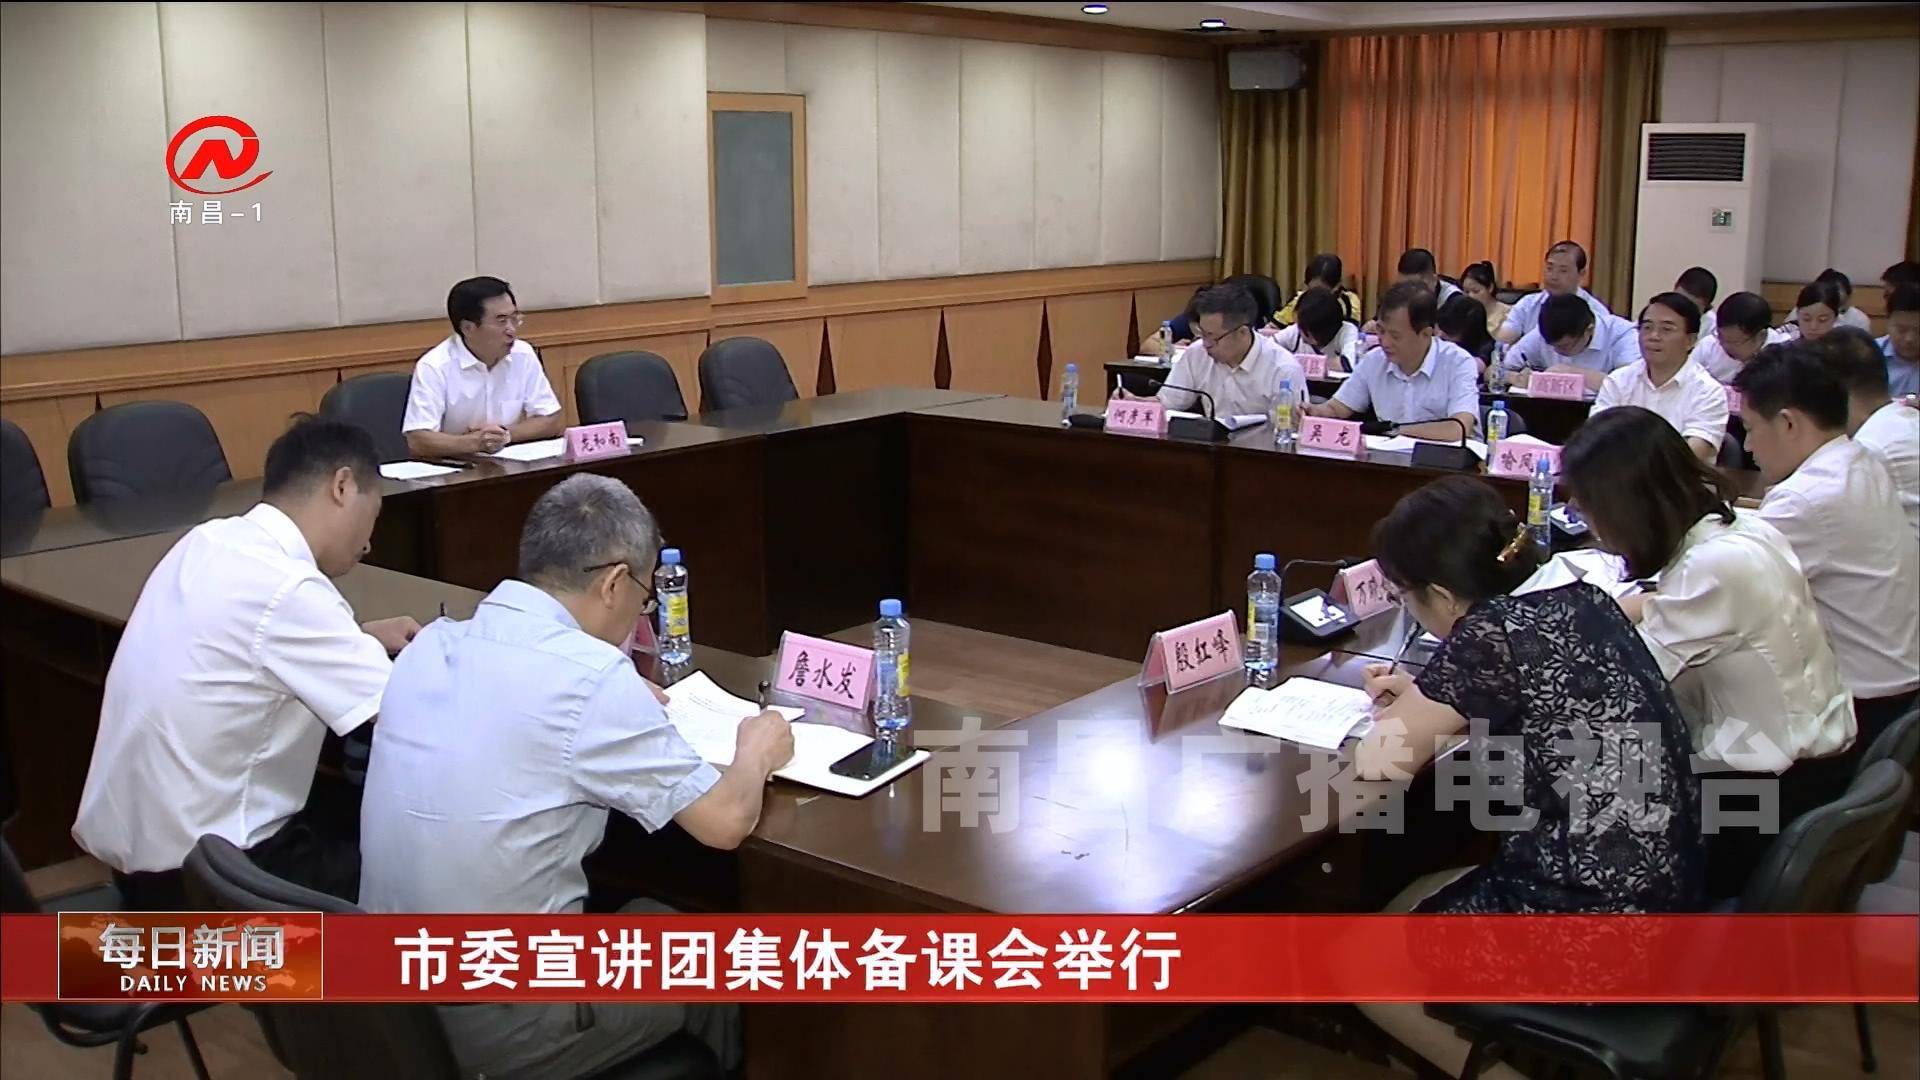 市委宣講團集體備課會舉行